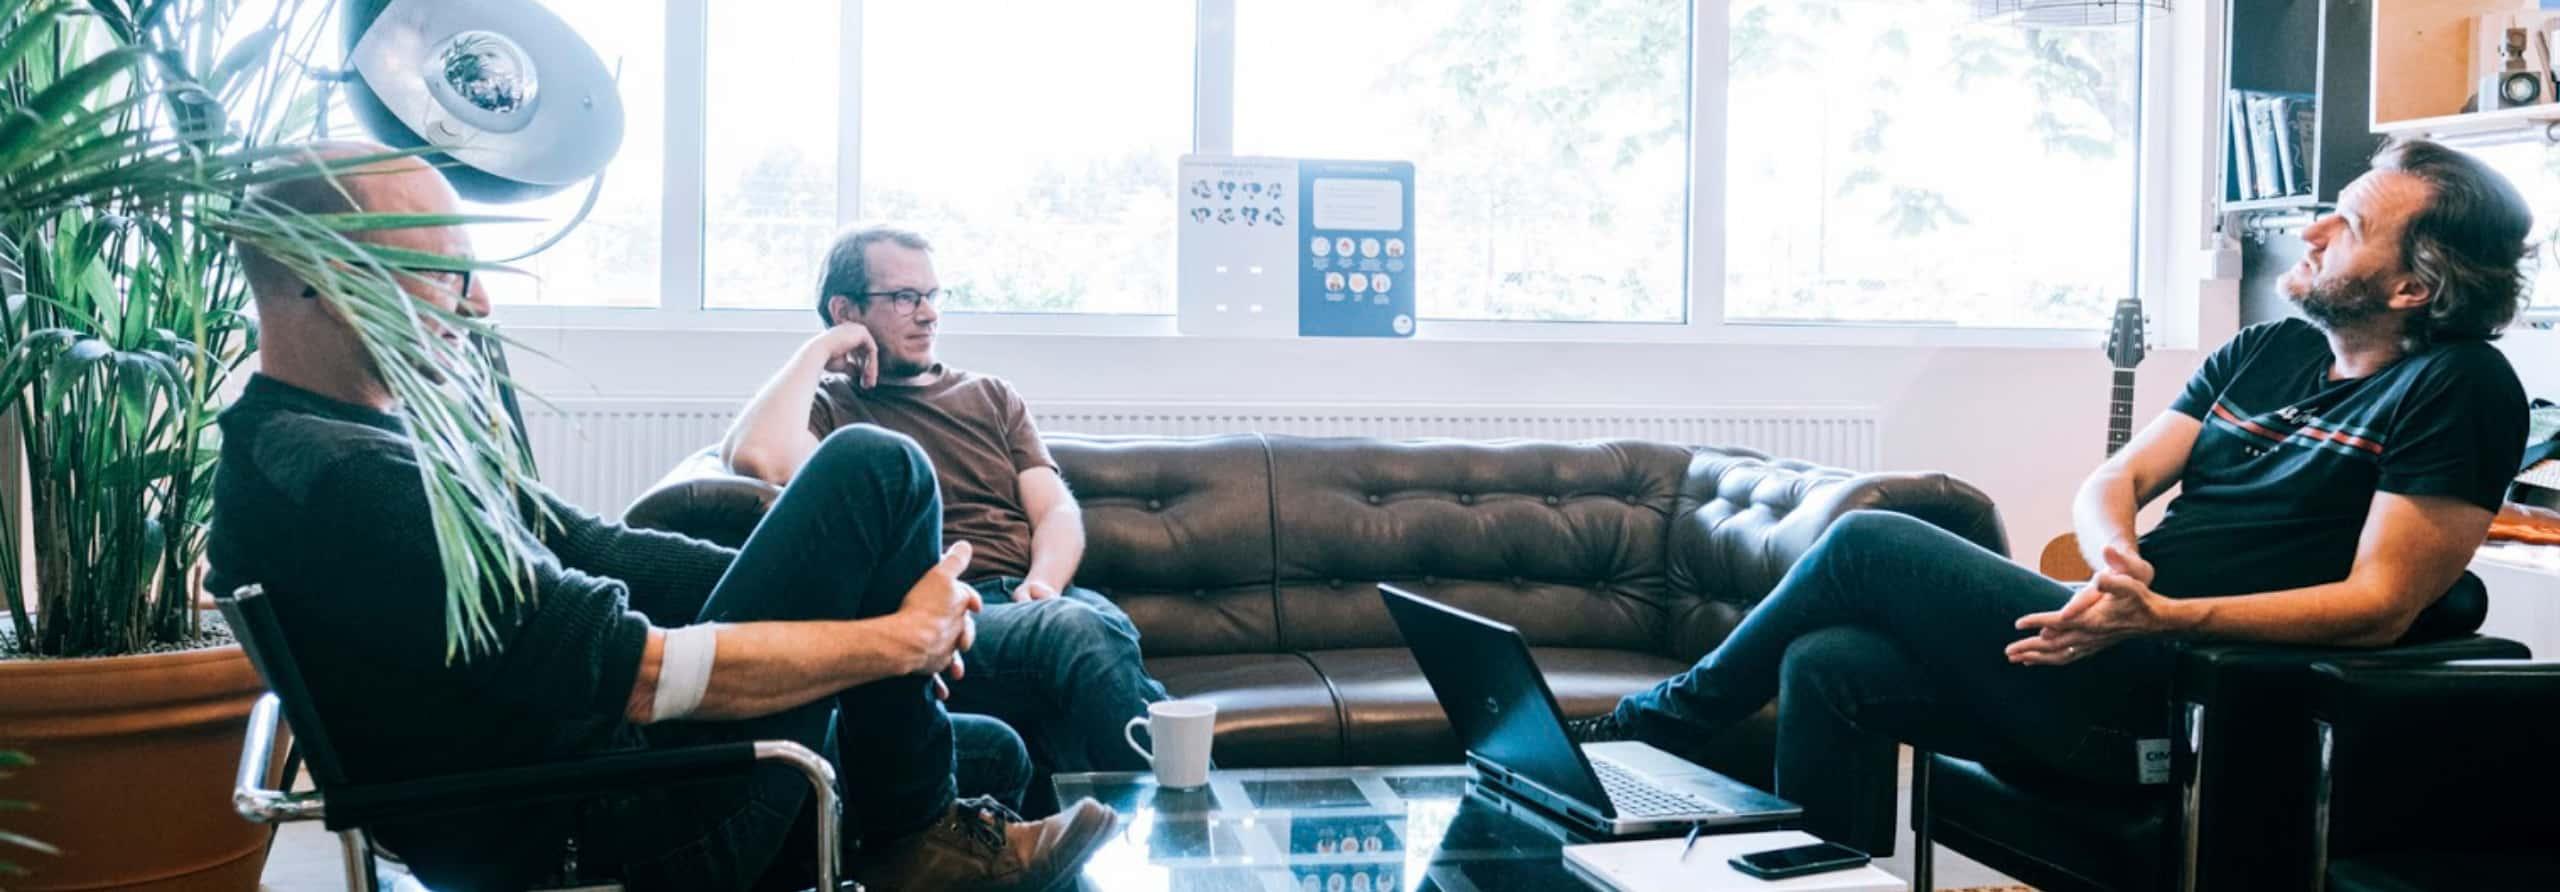 Mannen in zetel dat praten tegen elkaar - team Absolem Engineers- duaal digitaal - duaal leren